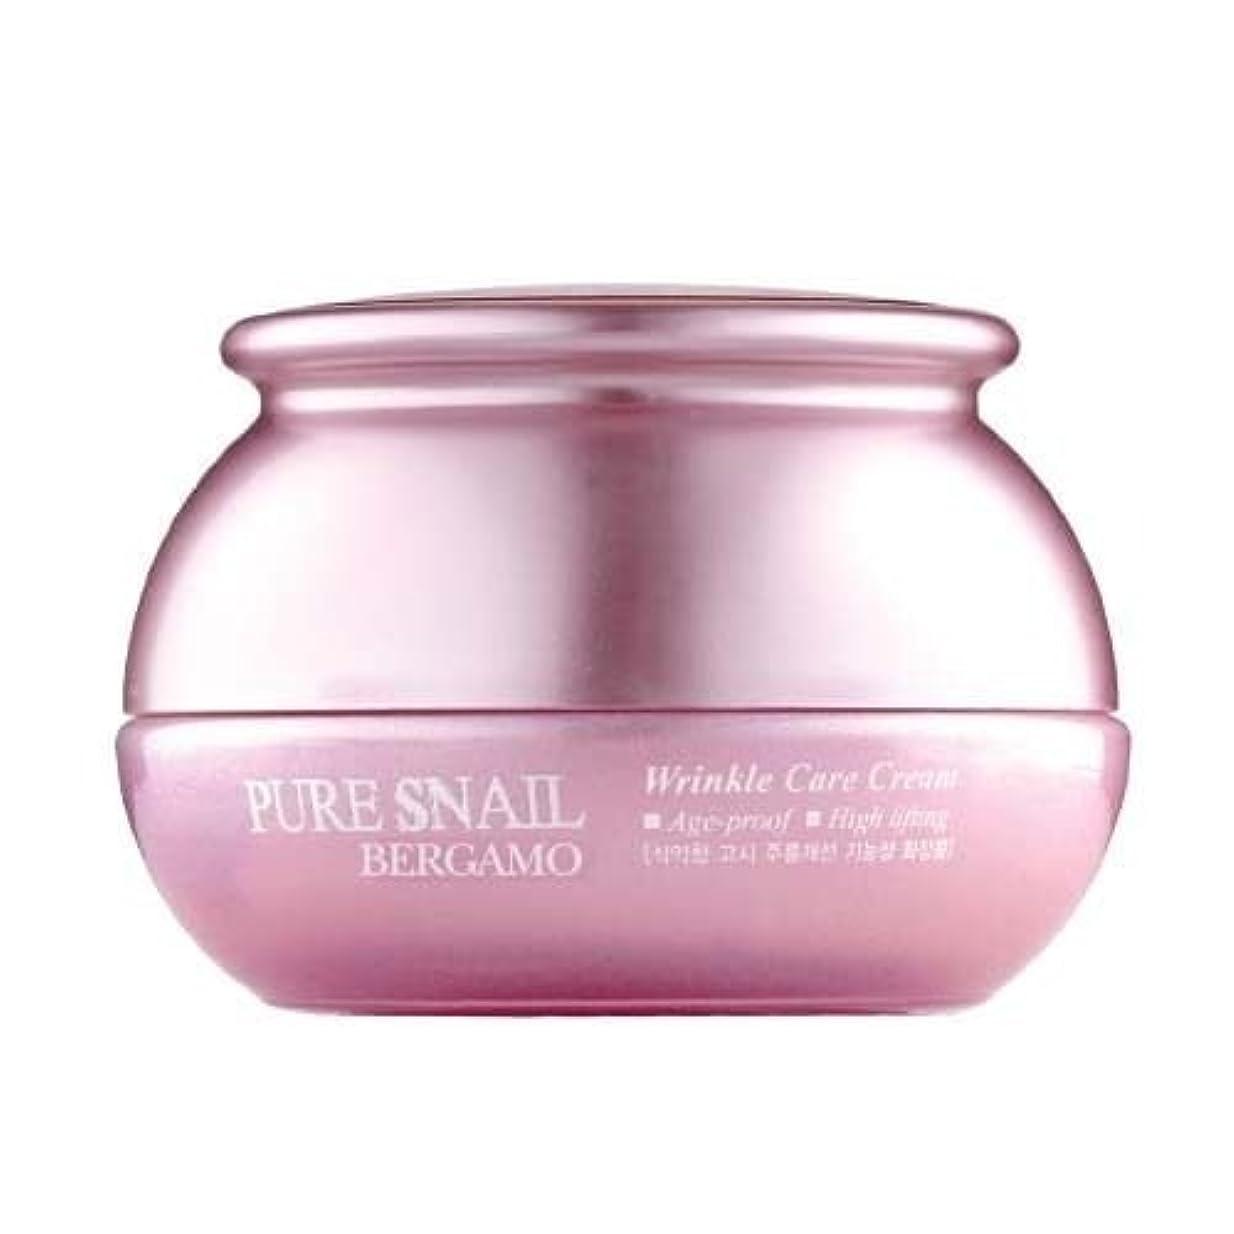 回転させるインド原稿ベルガモ[韓国コスメBergamo]Pure Snail Wrinkle Care Cream カタツムリリンクルケアクリーム50ml しわ管理 [並行輸入品]